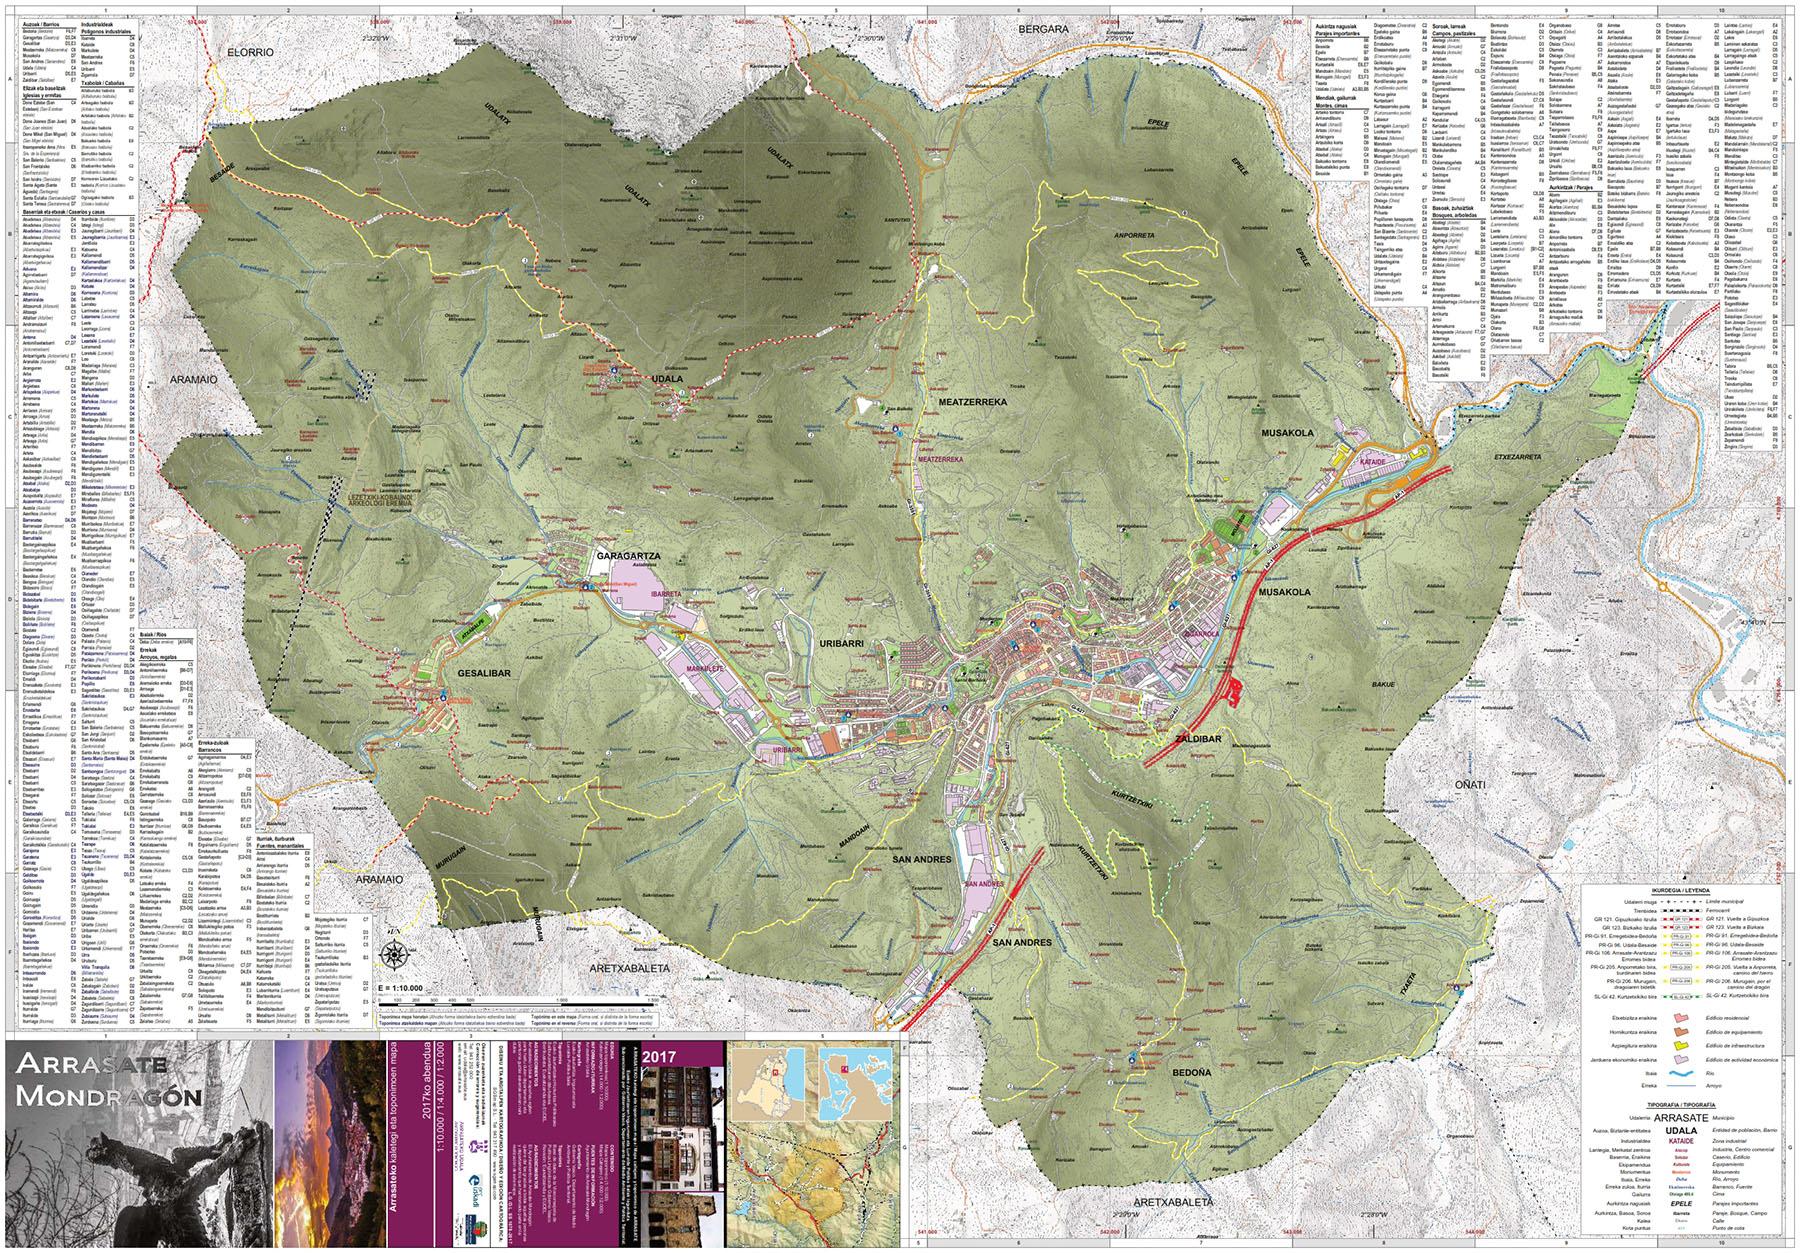 Toponimia 2017